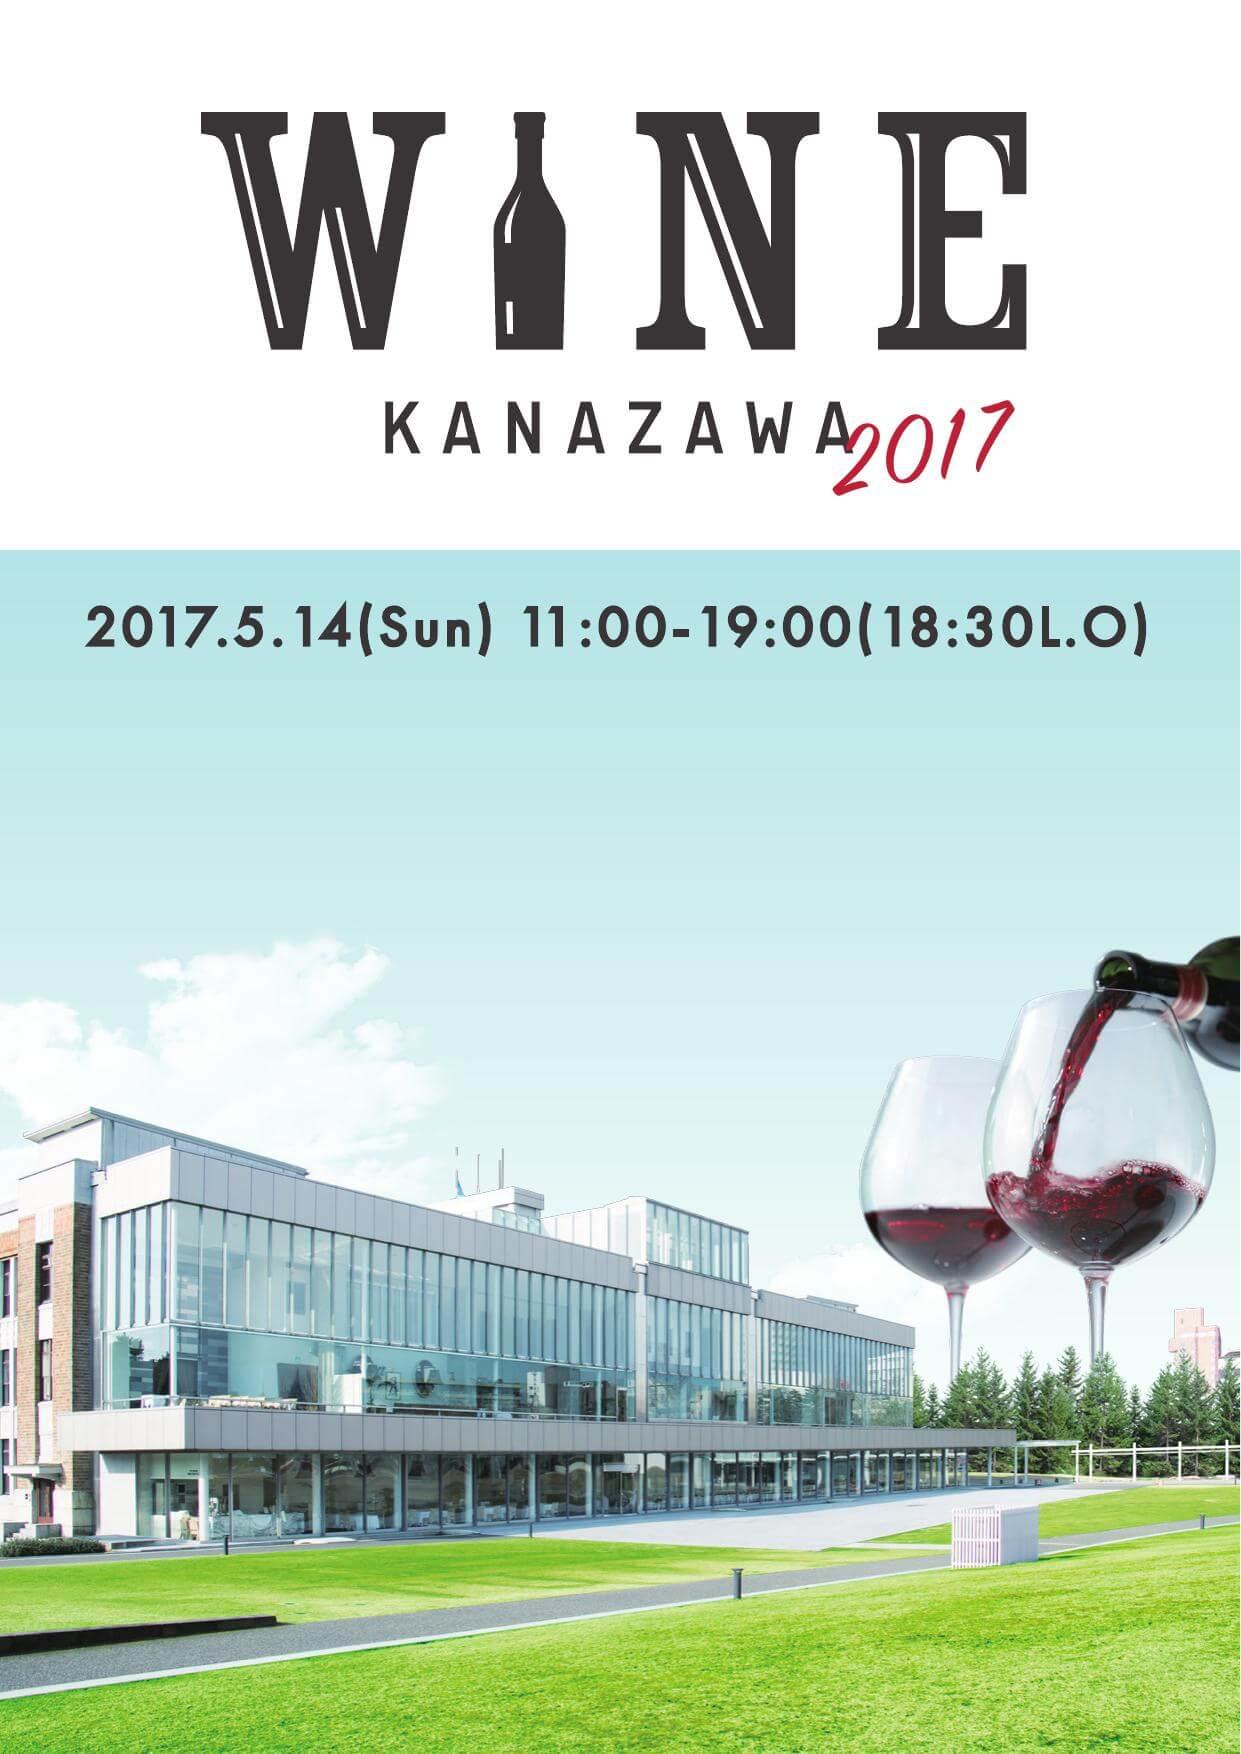 「 ワイン金沢 2017  」世界のワインと金沢を代表する食を今年も楽しもう!!